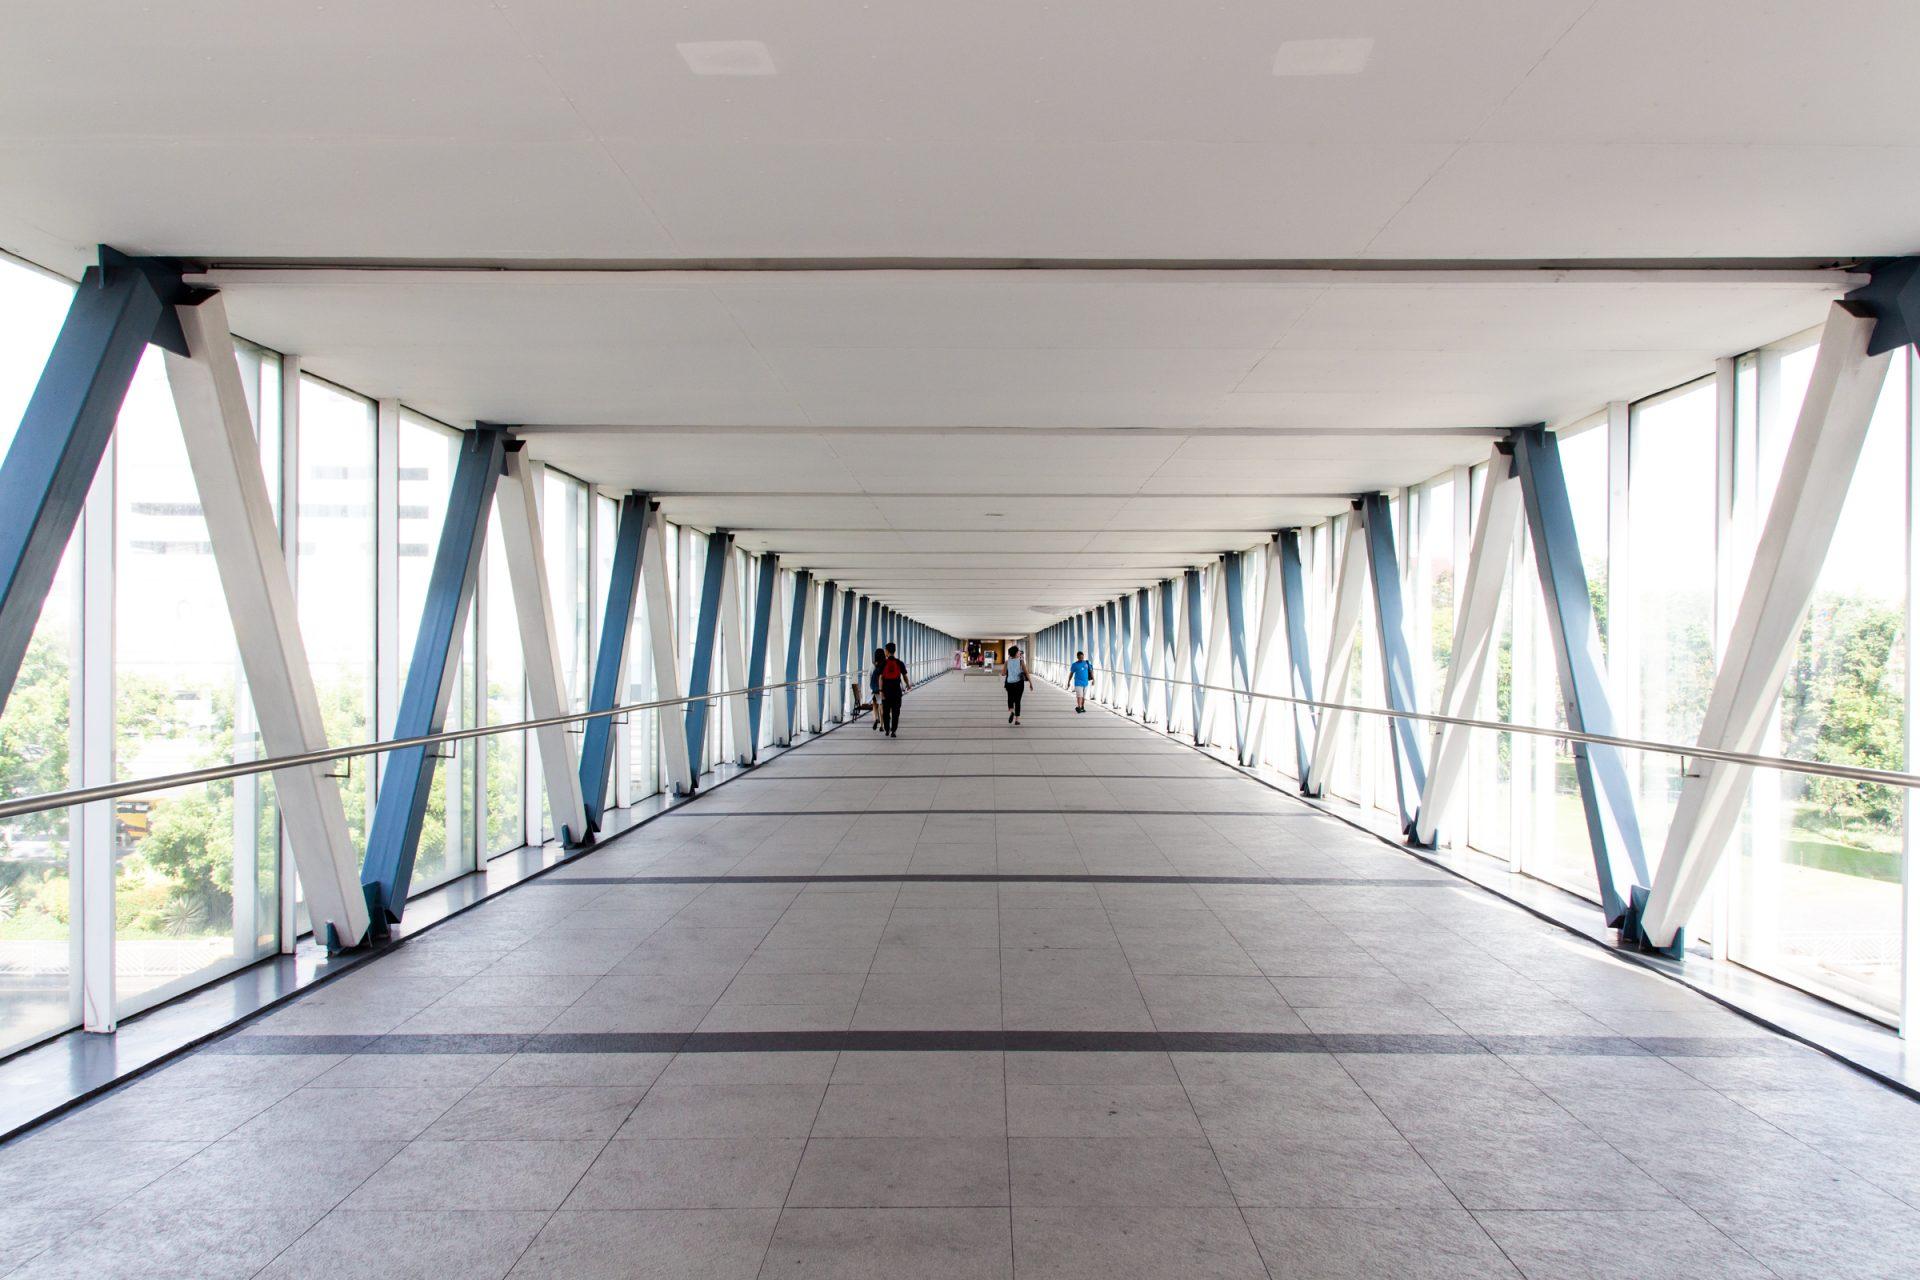 Few People Walking Inside Skybridge